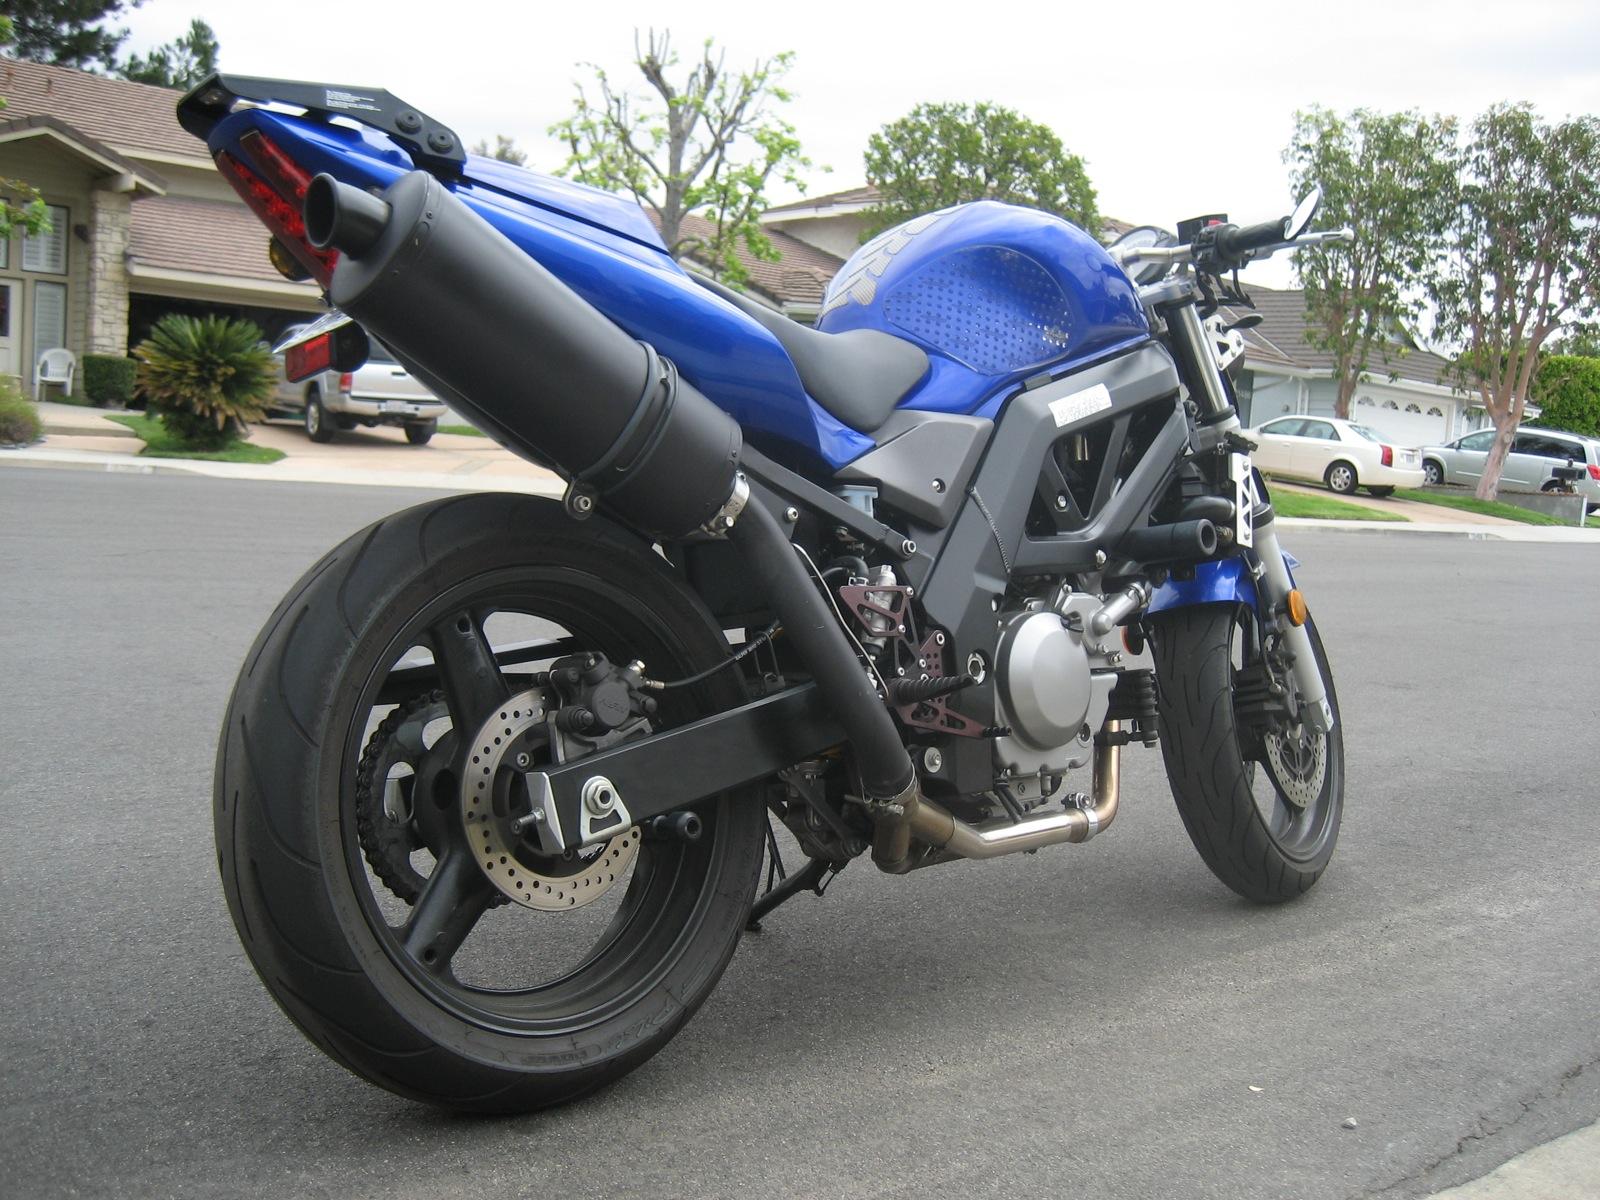 For Sale 2005 Suzuki SV650 $4500 OBO Irvine, CA